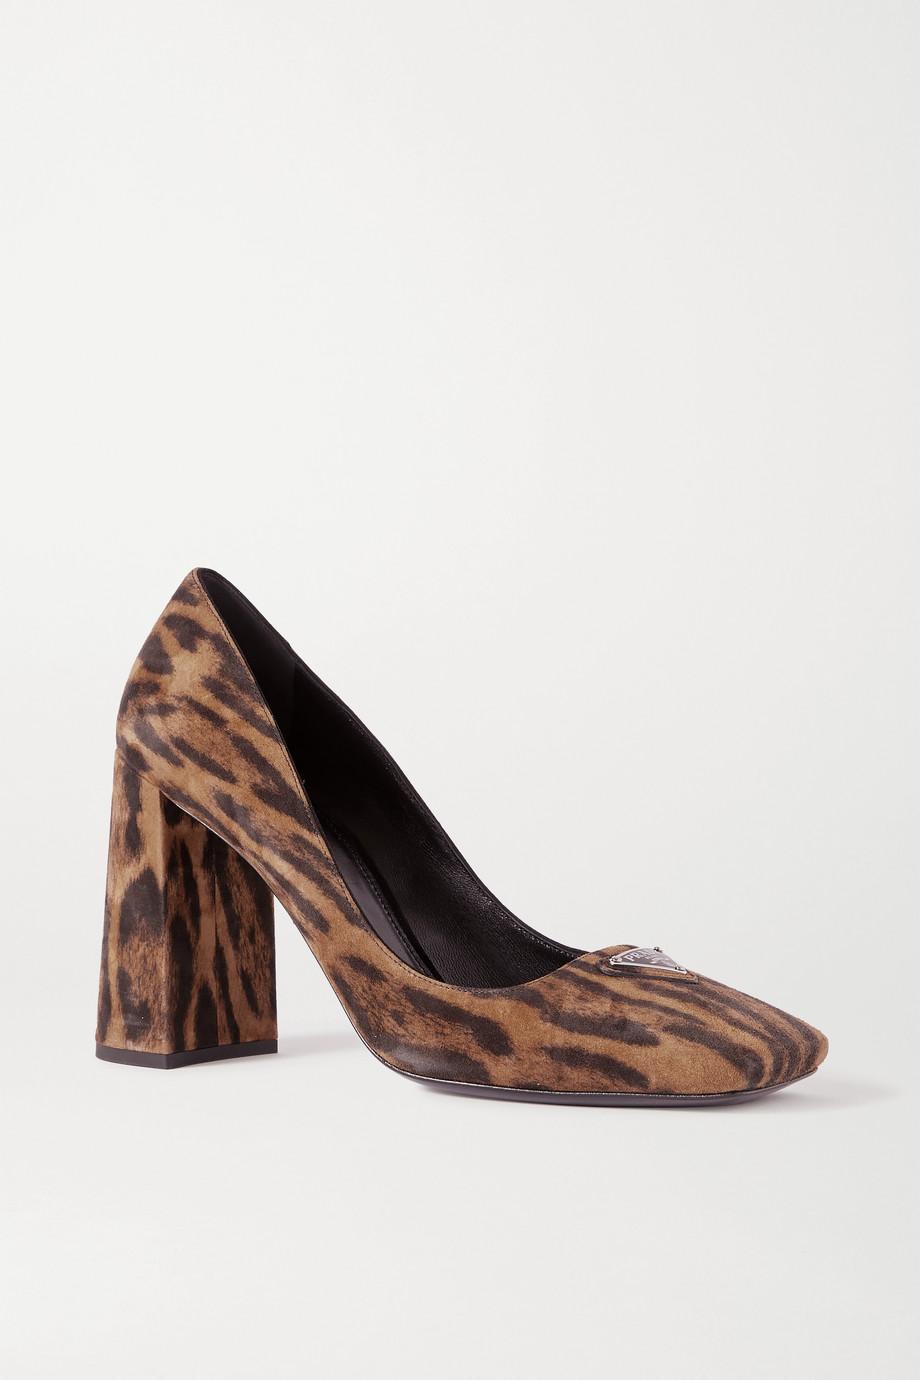 Prada 95 logo-embellished leopard-print suede pumps